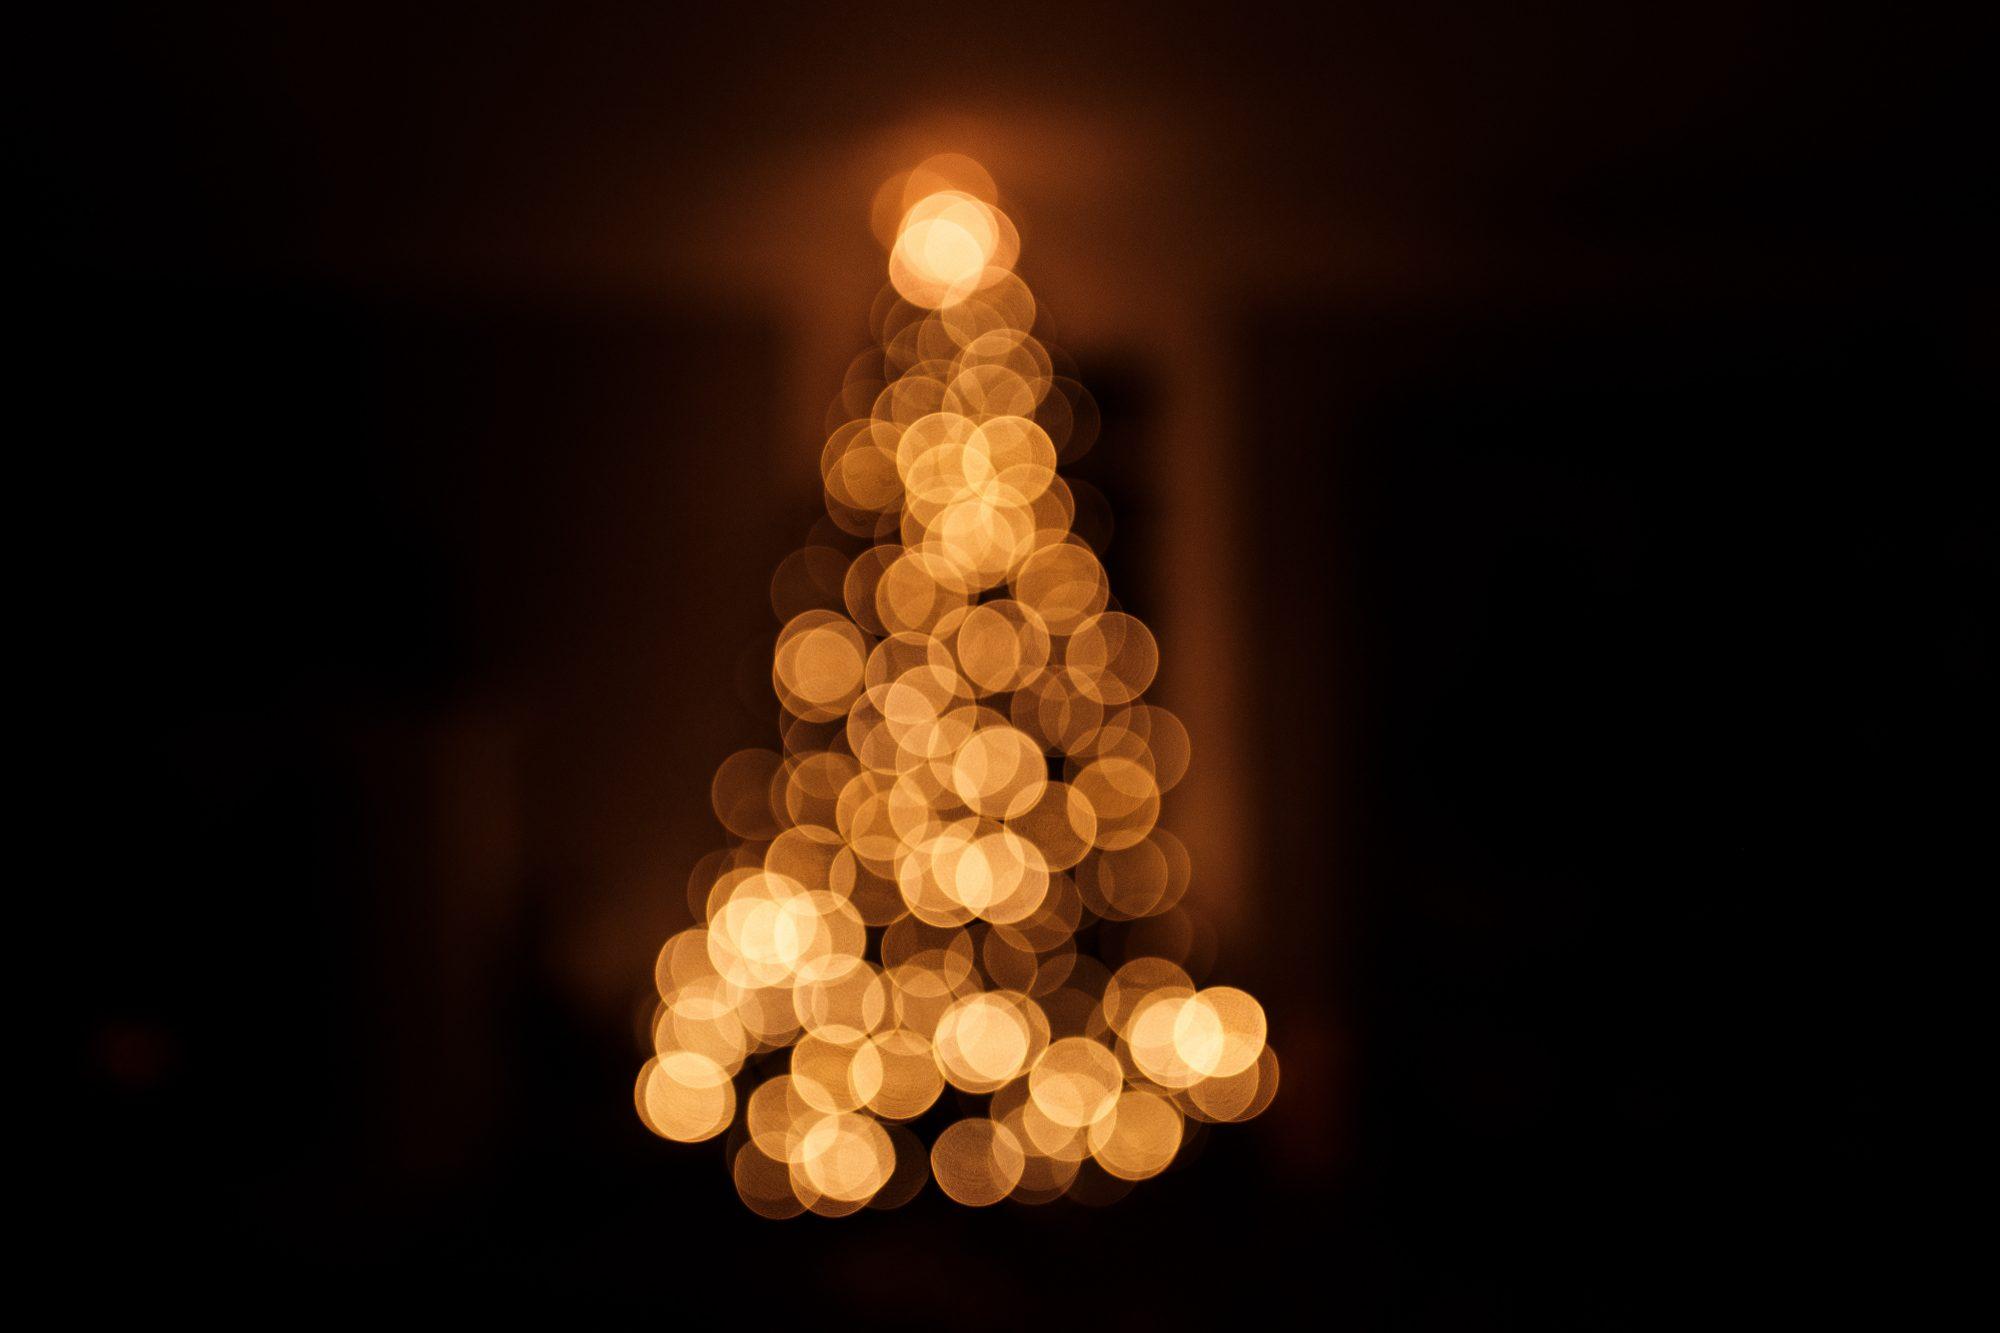 El Grup Colònies a Borredà us desitja unes bones festes i un feliç 2019 amb molt d